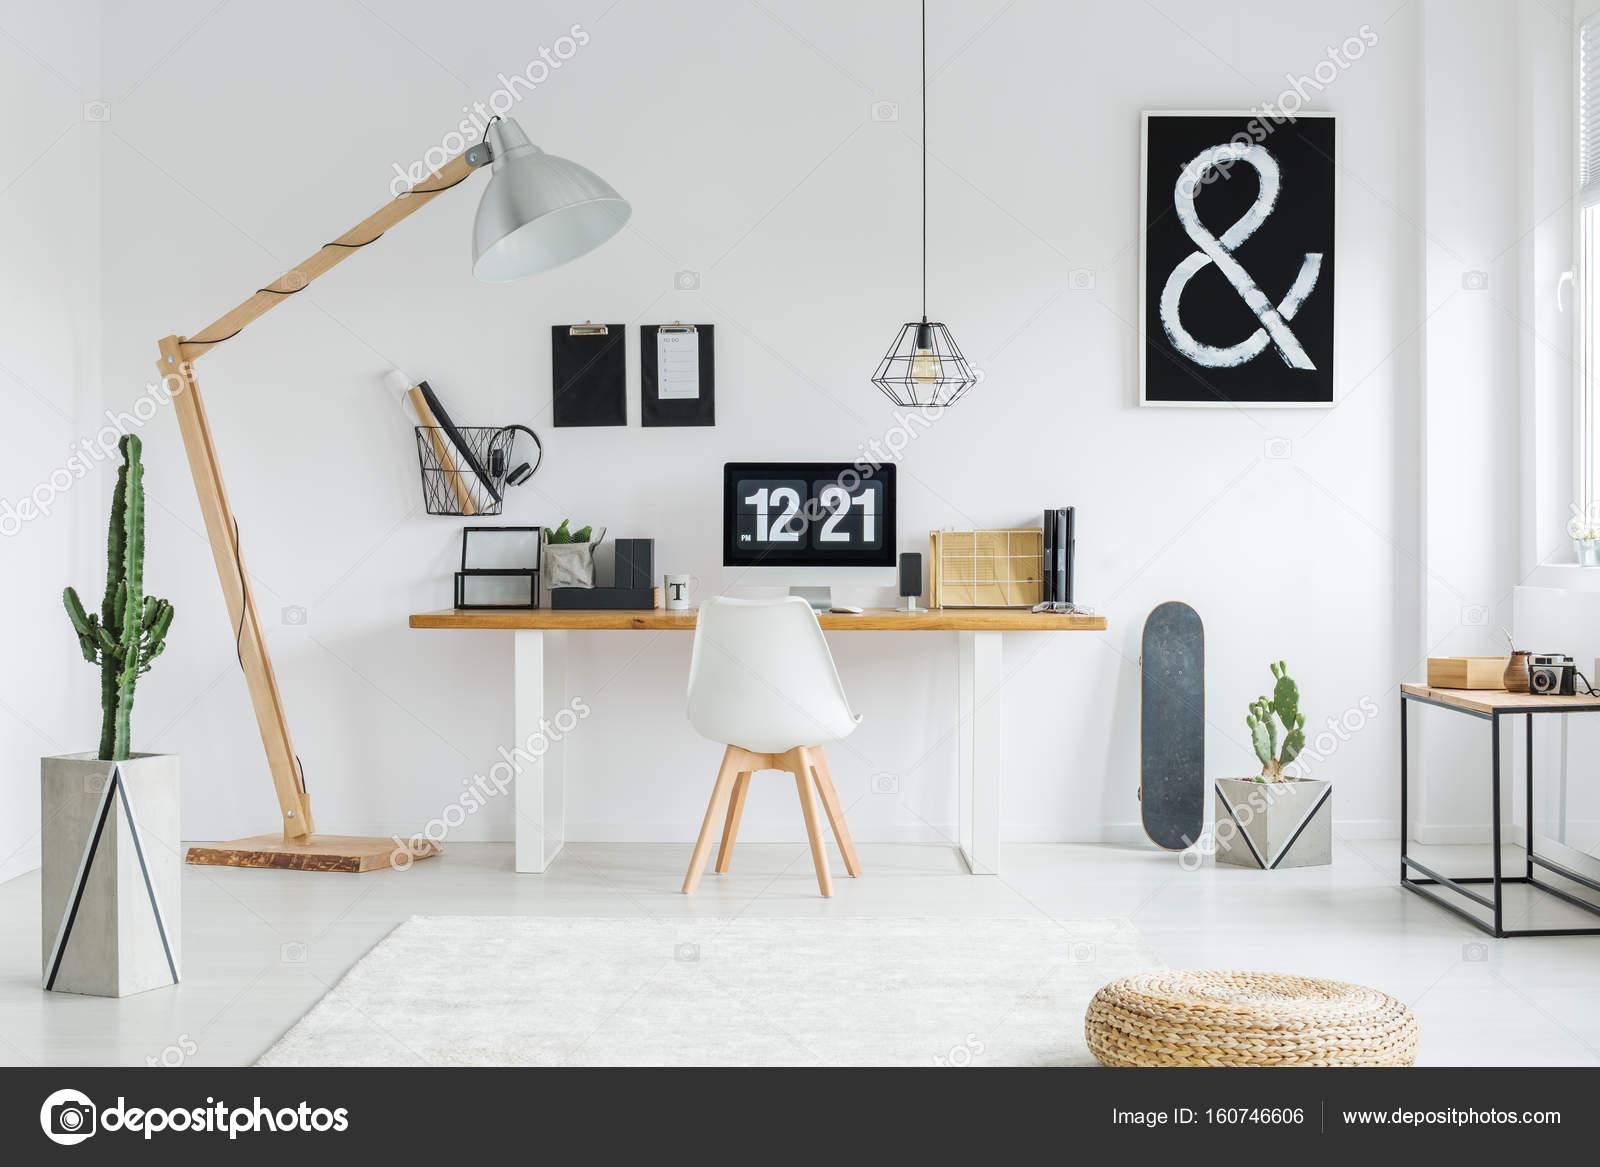 Bureau decoratie speelhoek met ikea stuva en trofast speeltafel ikea